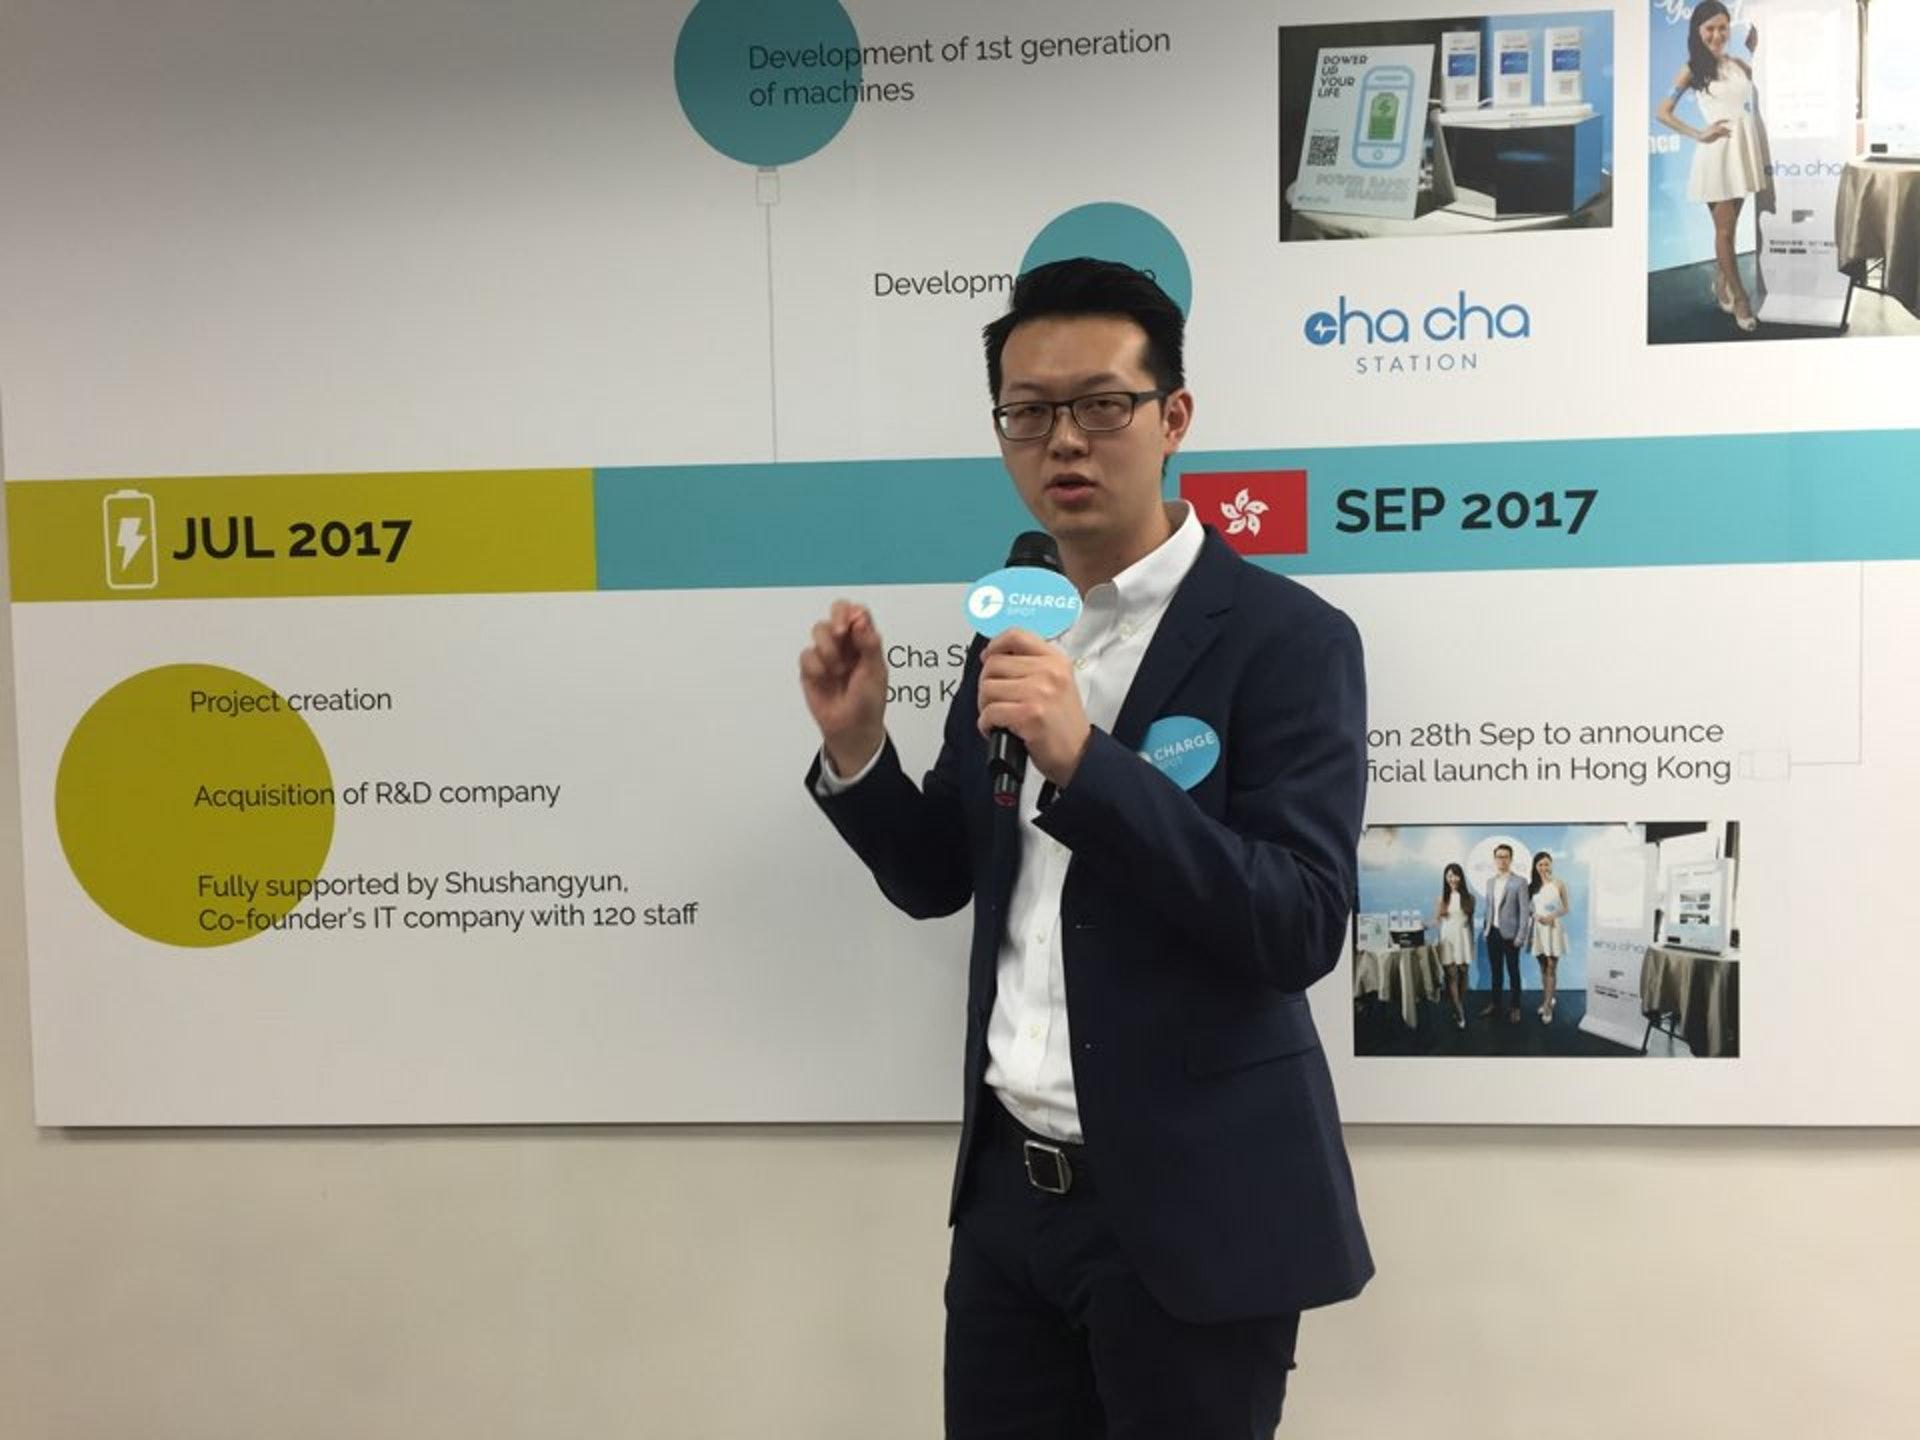 ChargeSpot聯合創辦人陳德群表示,自去年9月投入服務後反應不俗,未來將會進軍泰國及馬來西亞等地區。(陳晶琦攝)